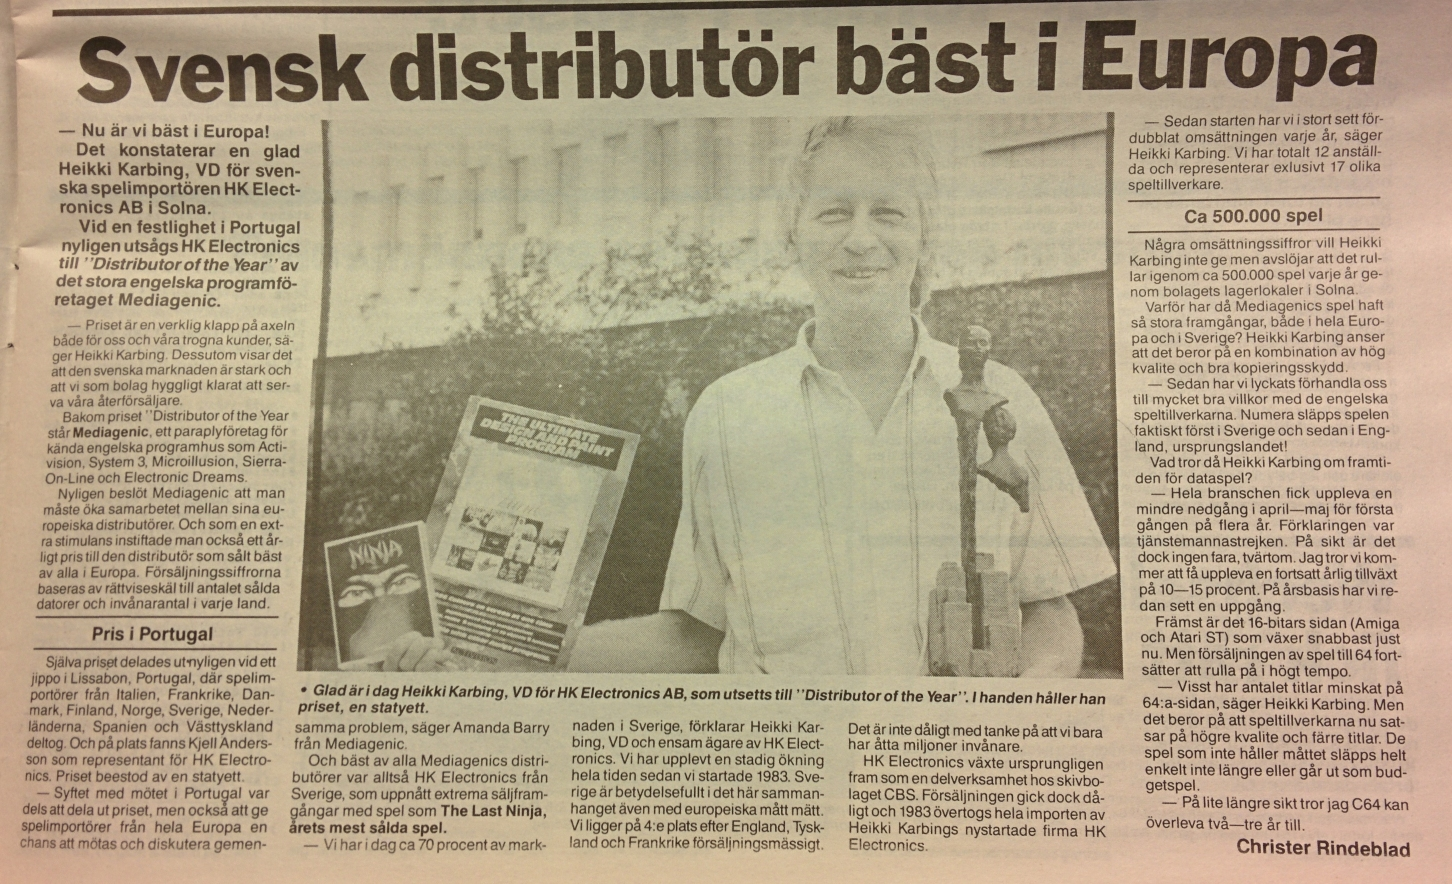 heikki_karbing_europa